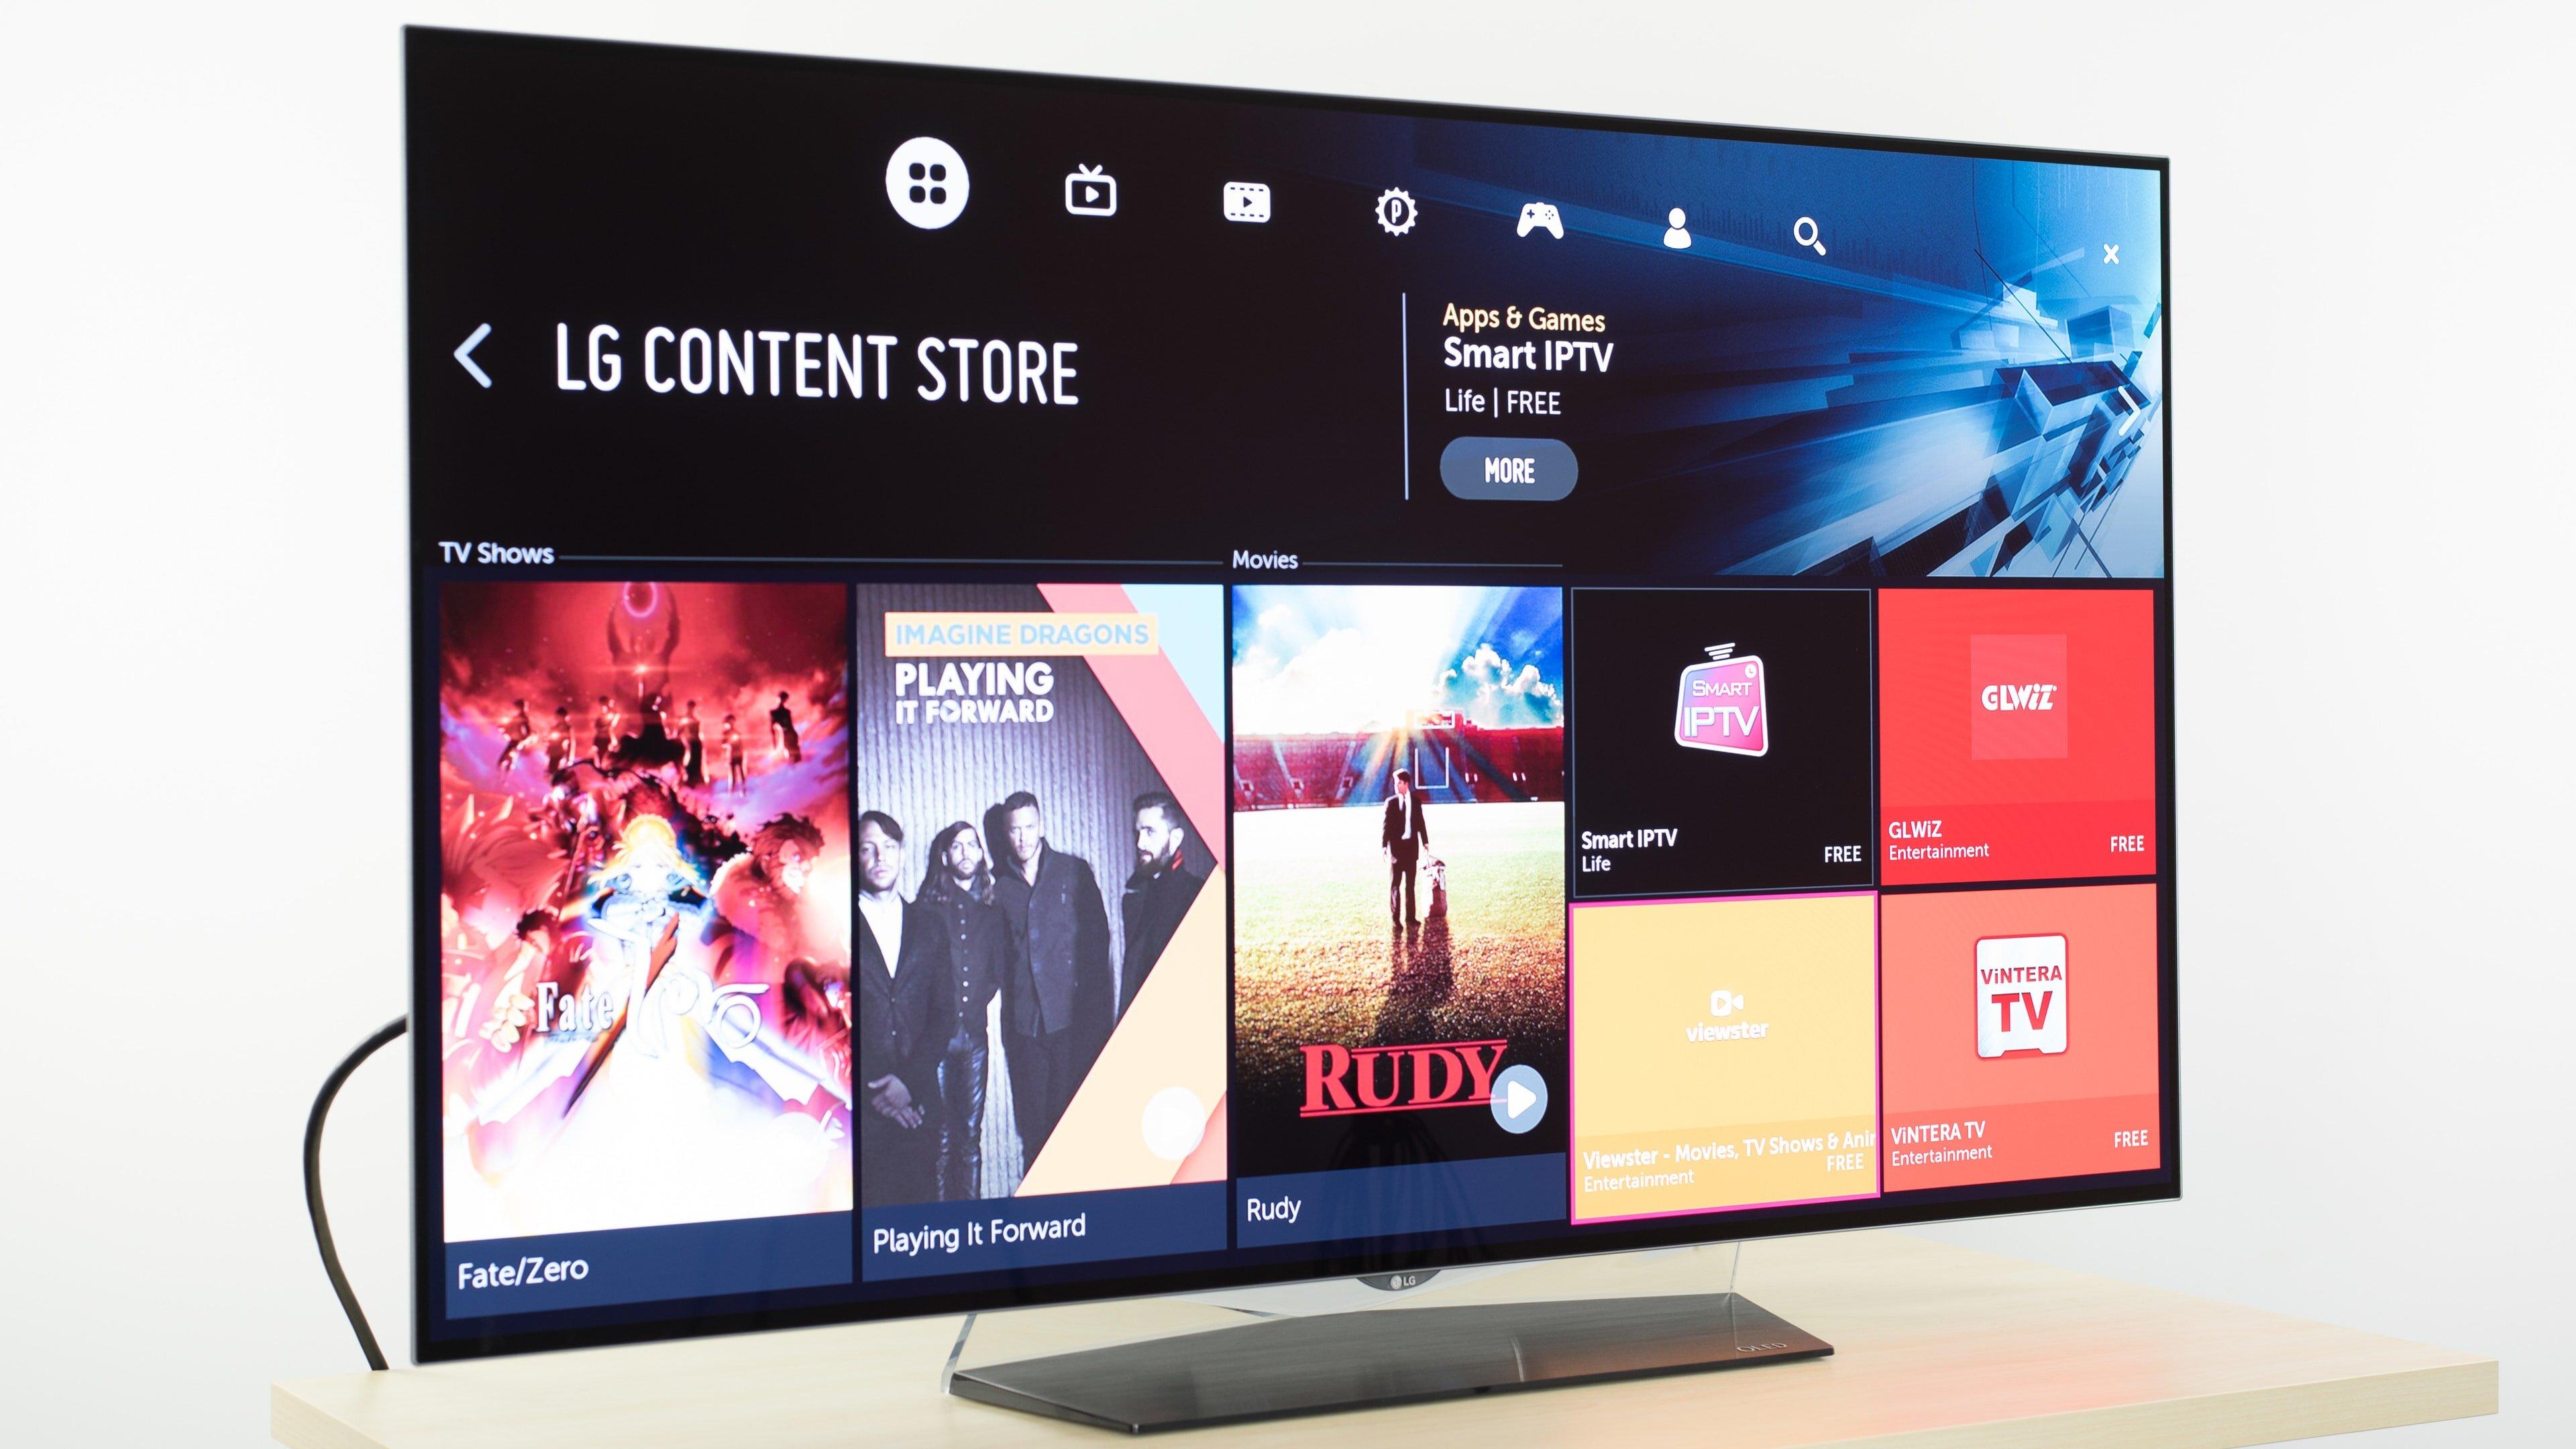 TV giá rẻ dưới 10 triệu đồng sang trọng, tinh tế, màn hình full HD